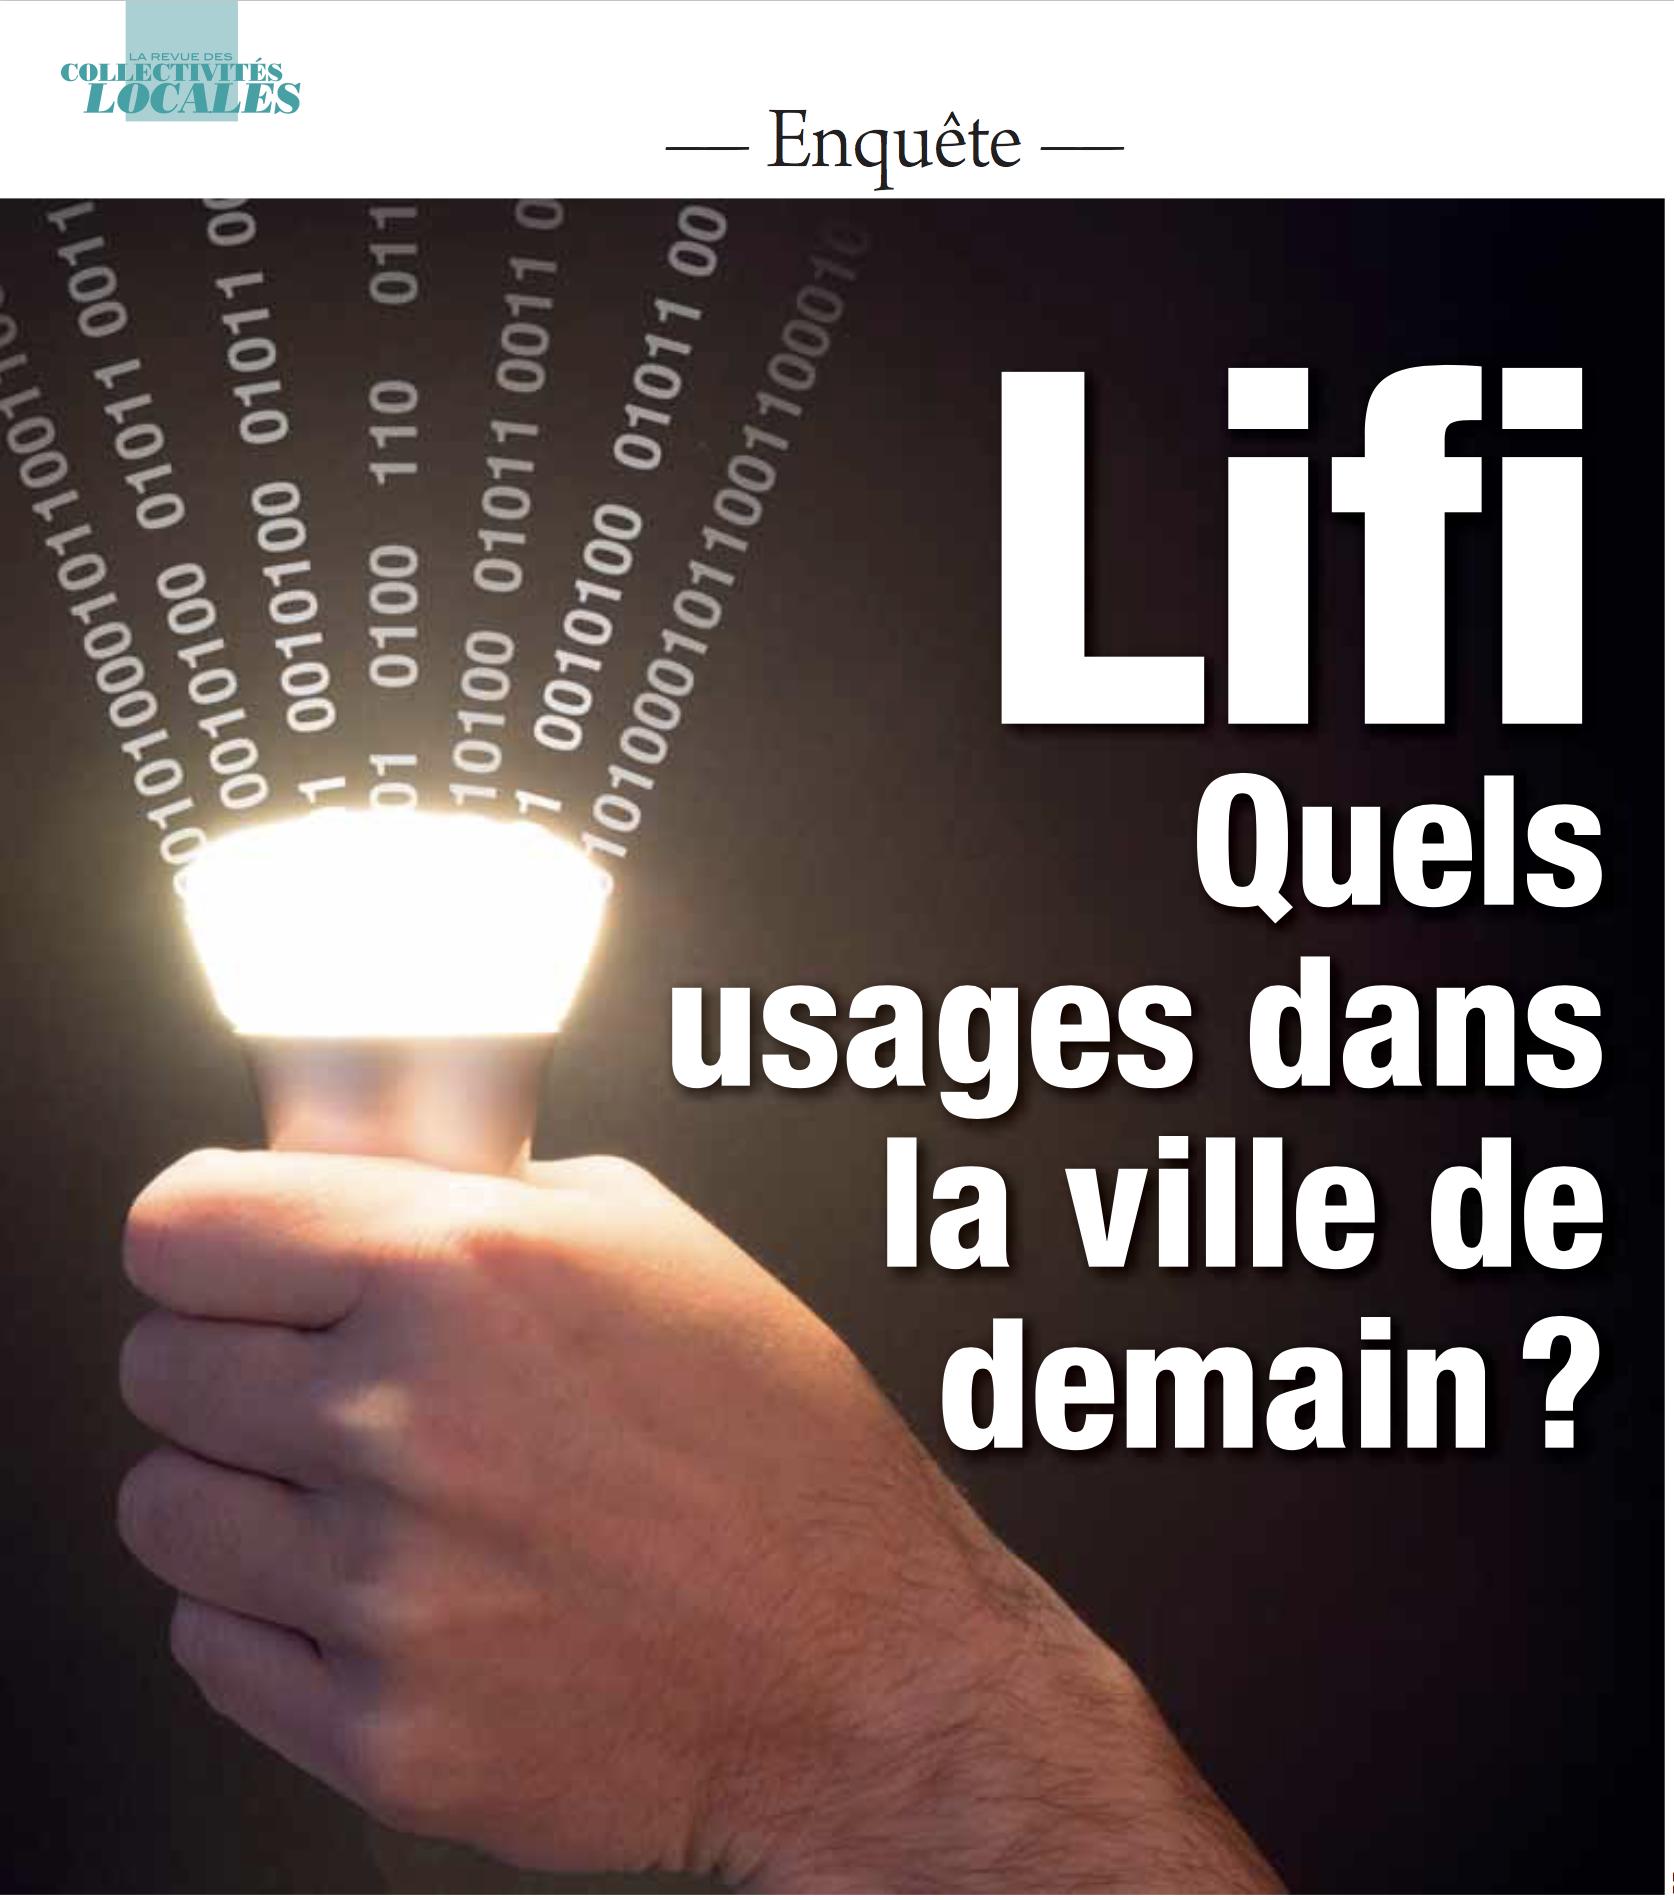 La Revue des collectivités locales : Lifi : nouveaux usages dans la ville de demain - Septembre 2017